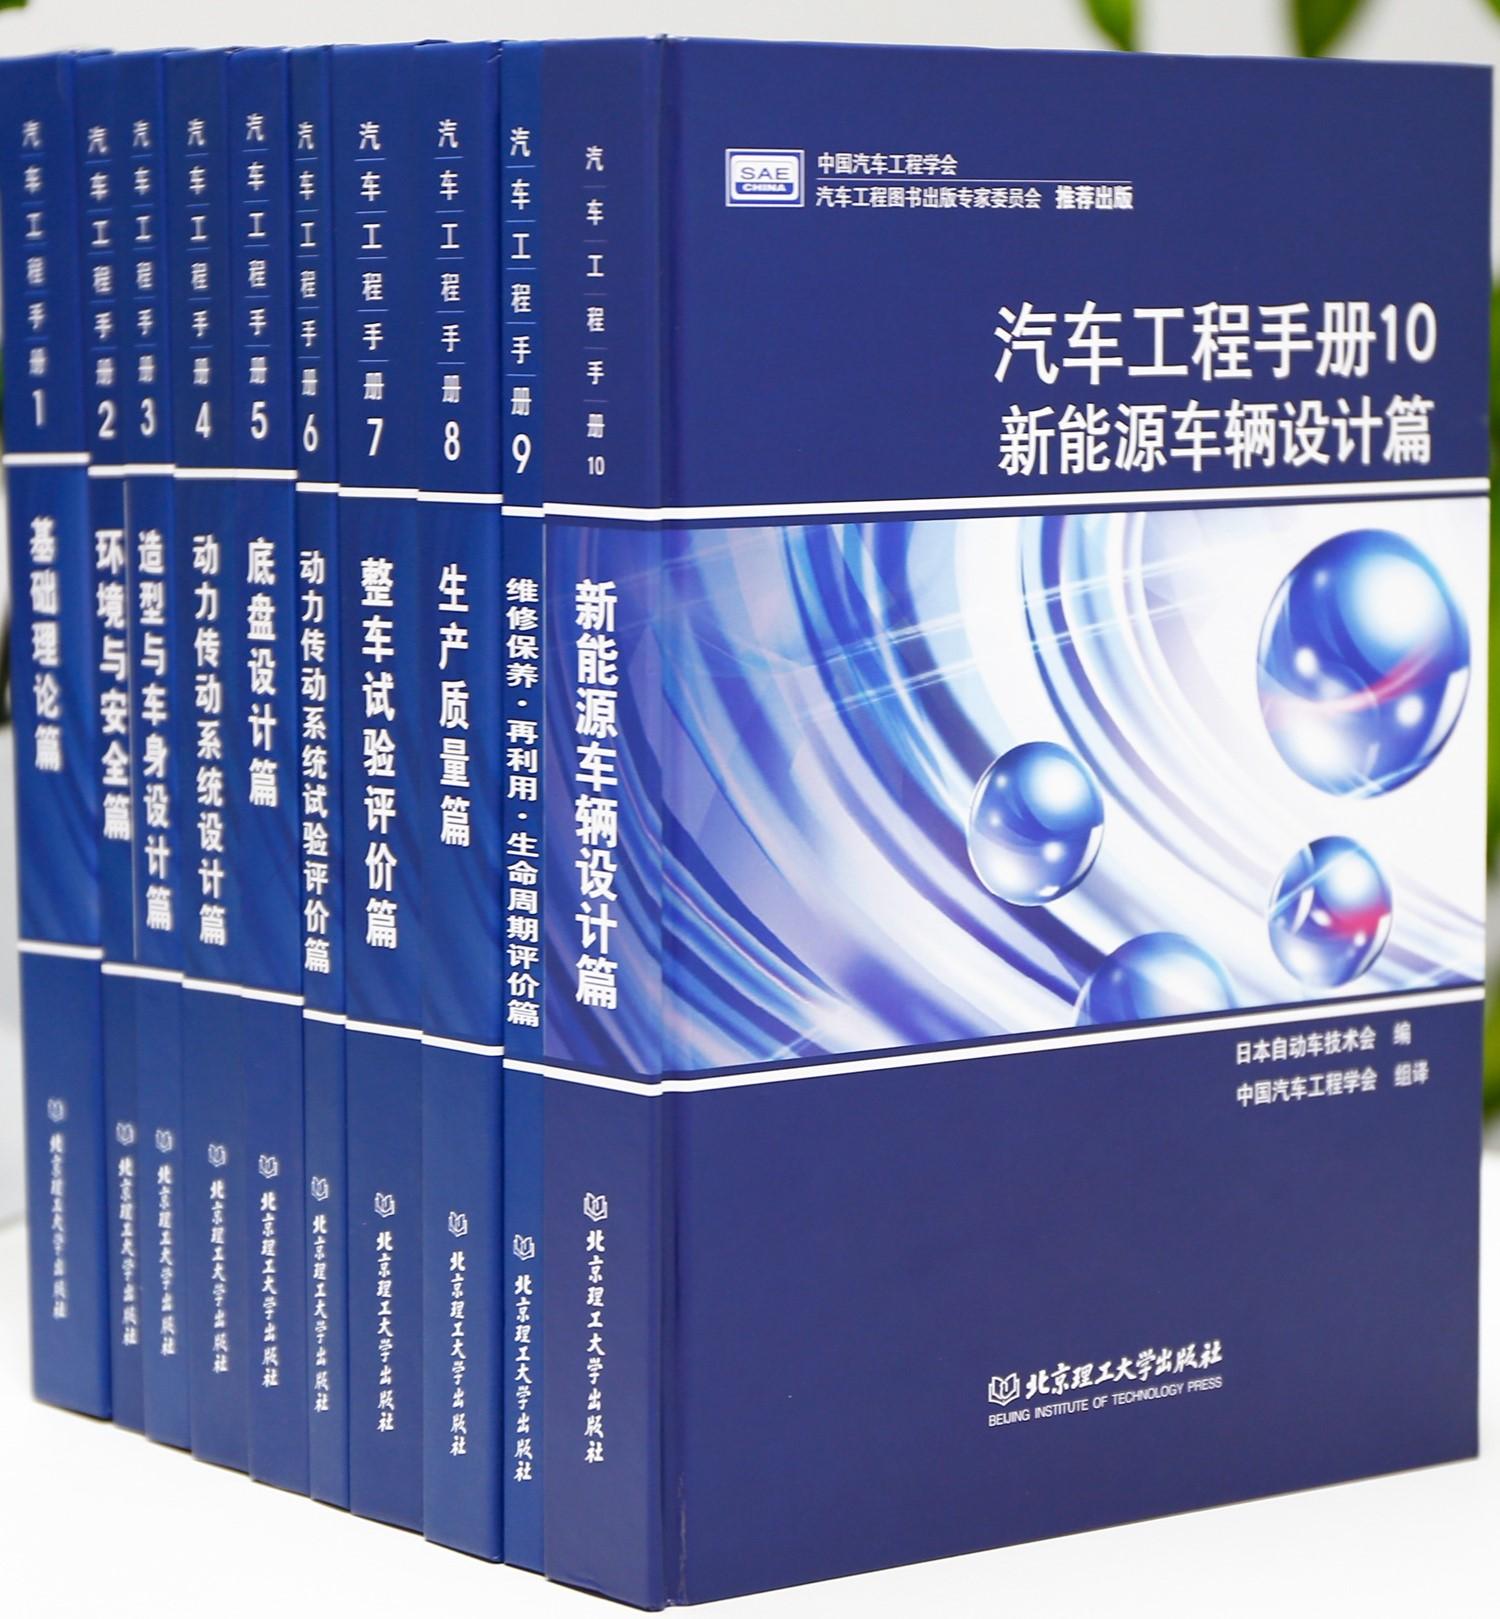 《汽车工程手册》(共10册)